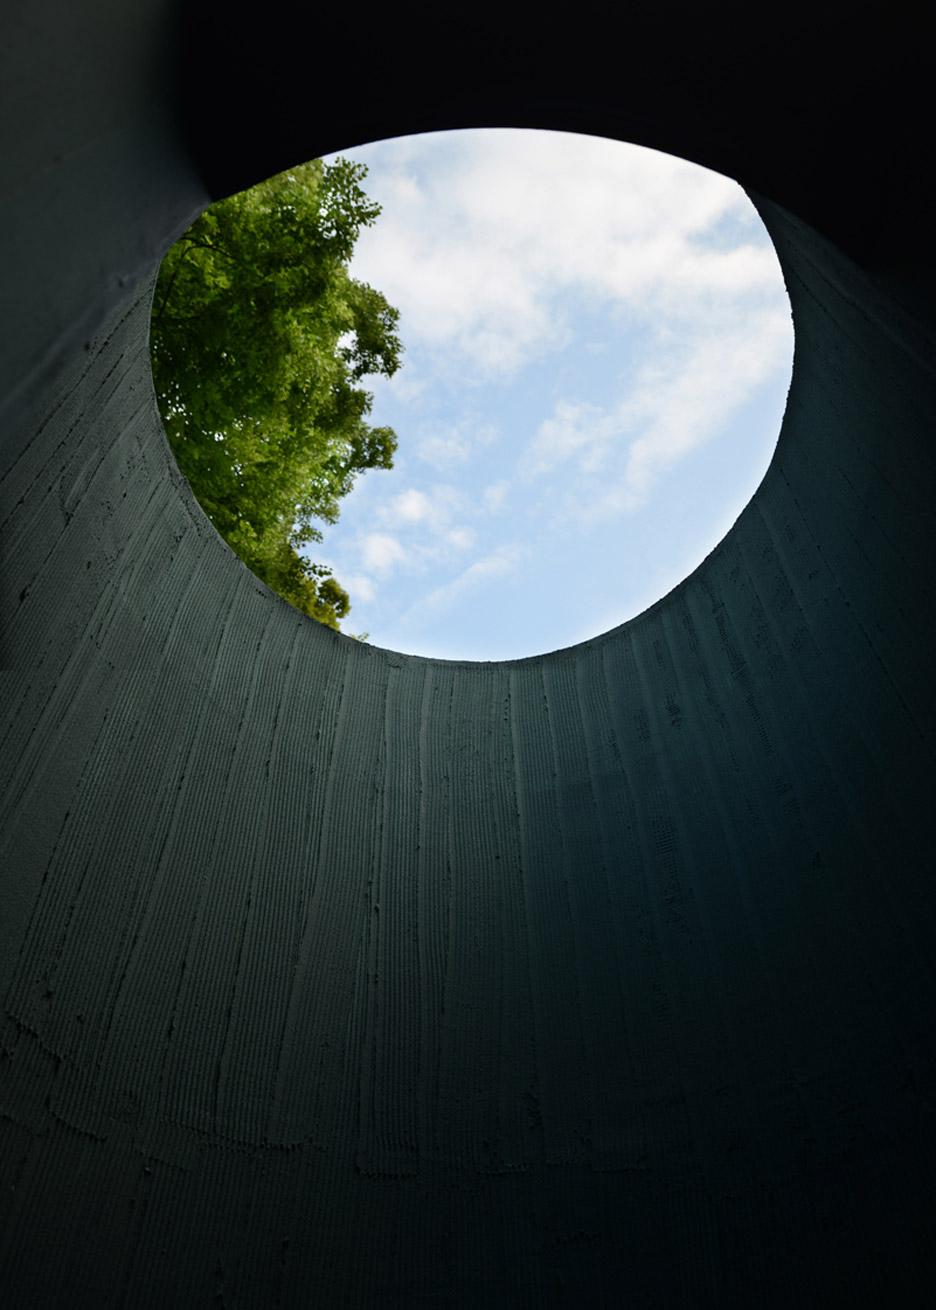 vara-pavilion-pezo-von-ellrichshausen-circles-venice-architecture-biennale-2016_dezeen_936_11